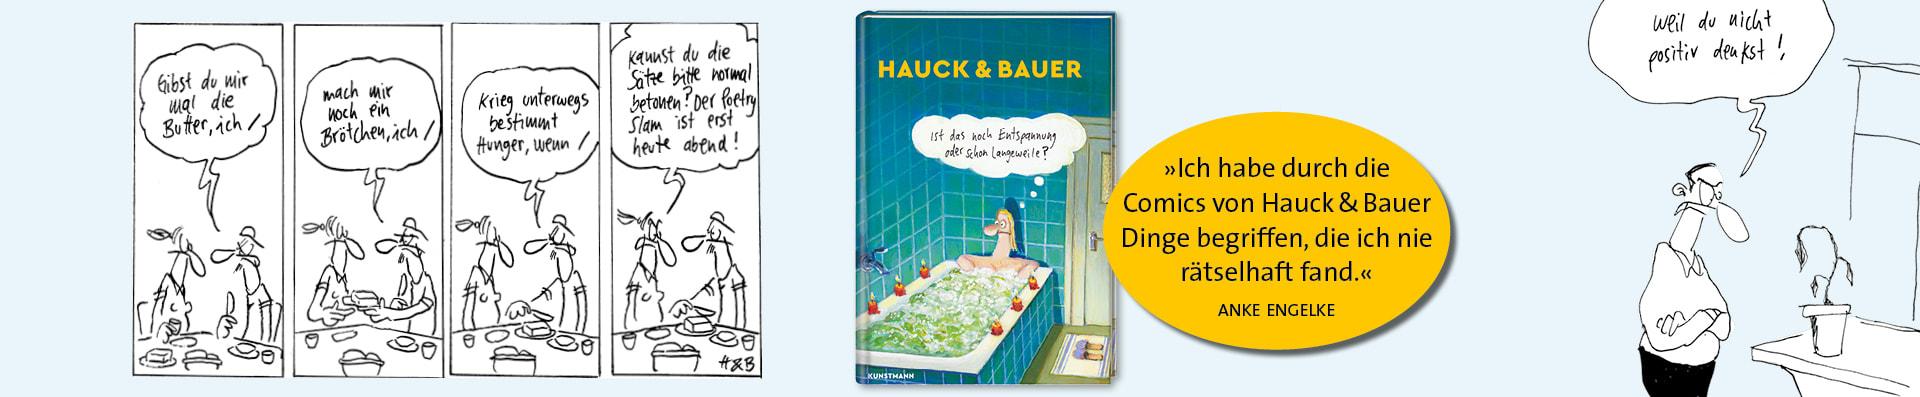 Hauck&Bauer – Ist das noch Entspannung oder schon Langeweile?